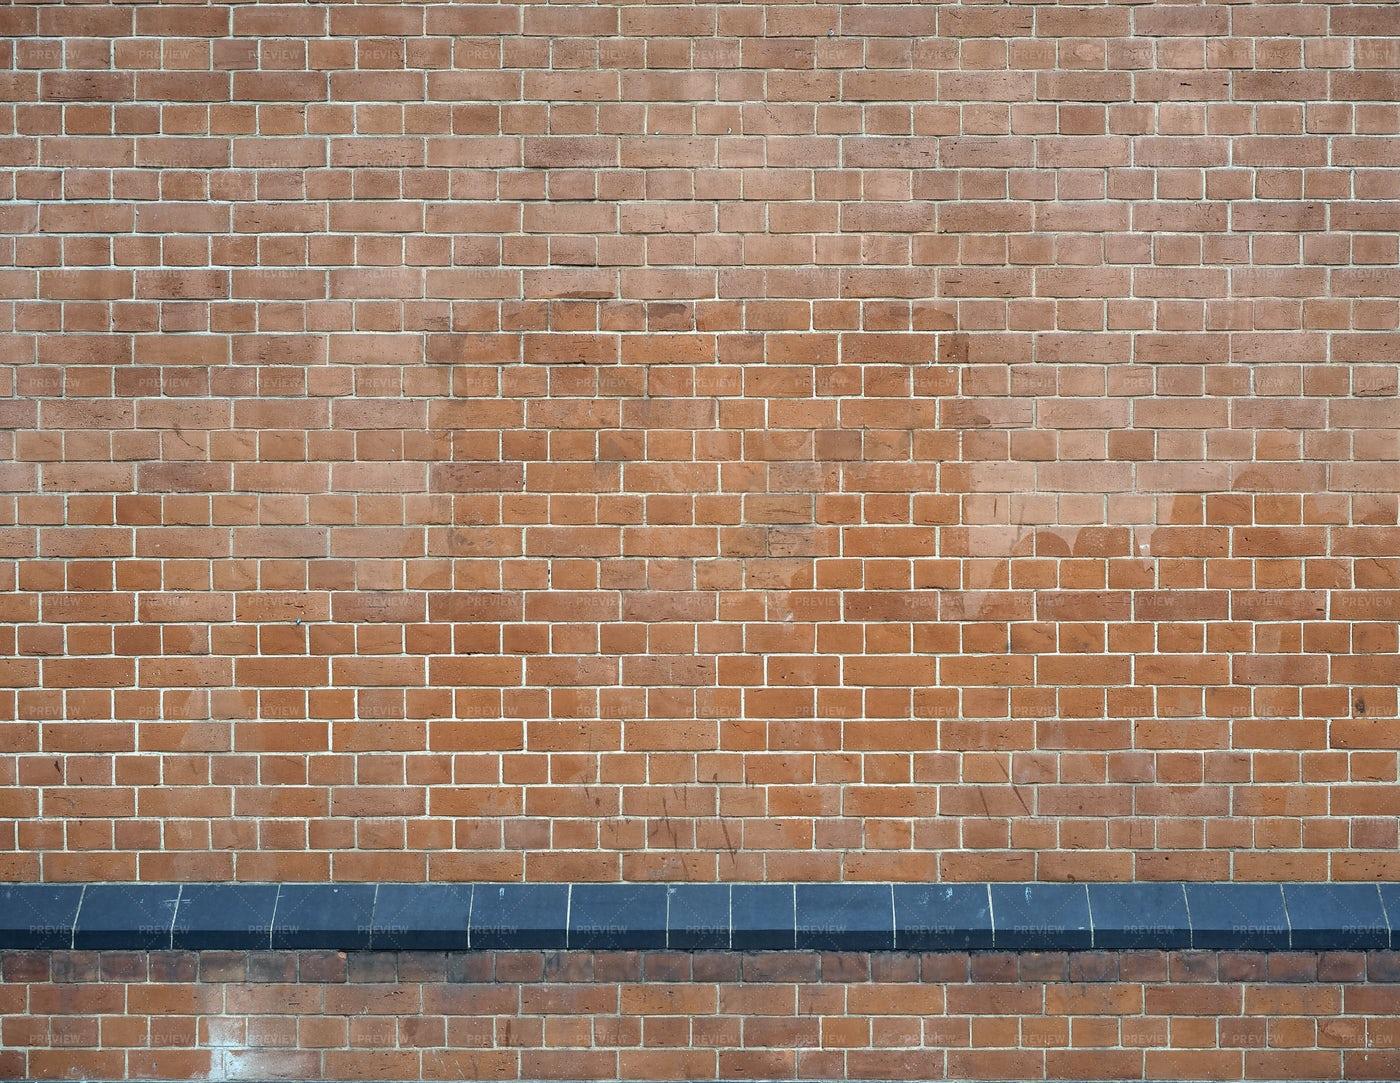 Raw Brick Wall: Stock Photos